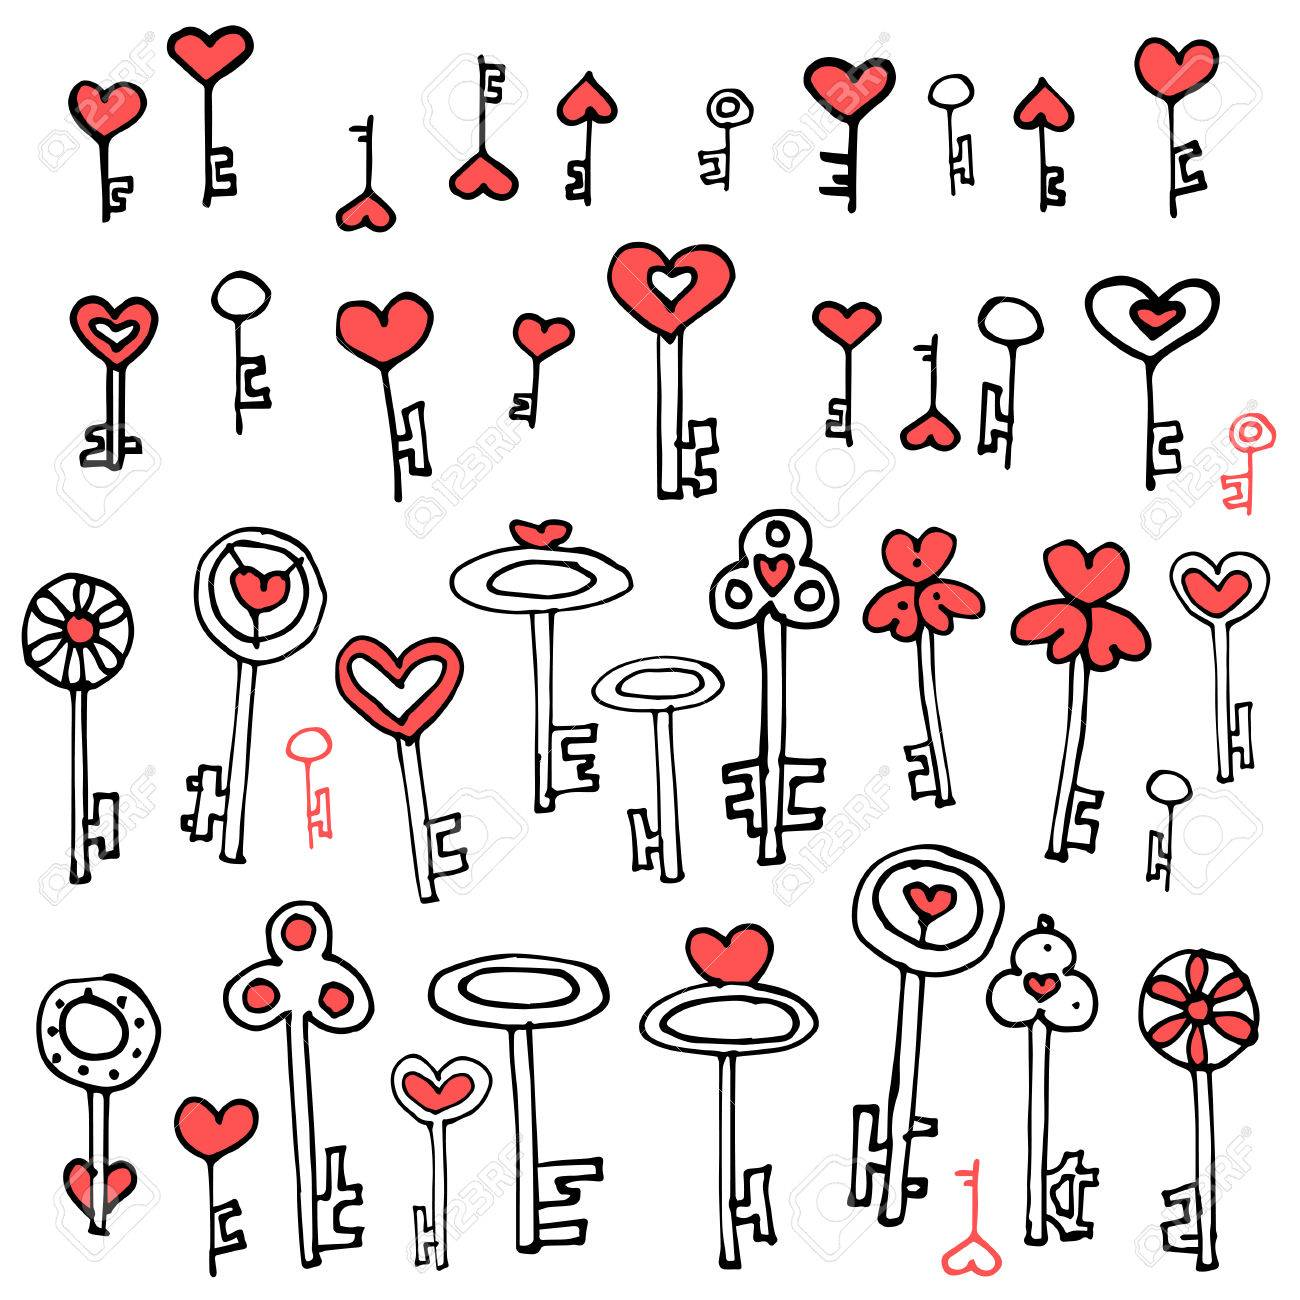 Claves de corazones juego de llaves del doodle del dibujo a mano jpg  1300x1300 Juego dibujo 528011addbd